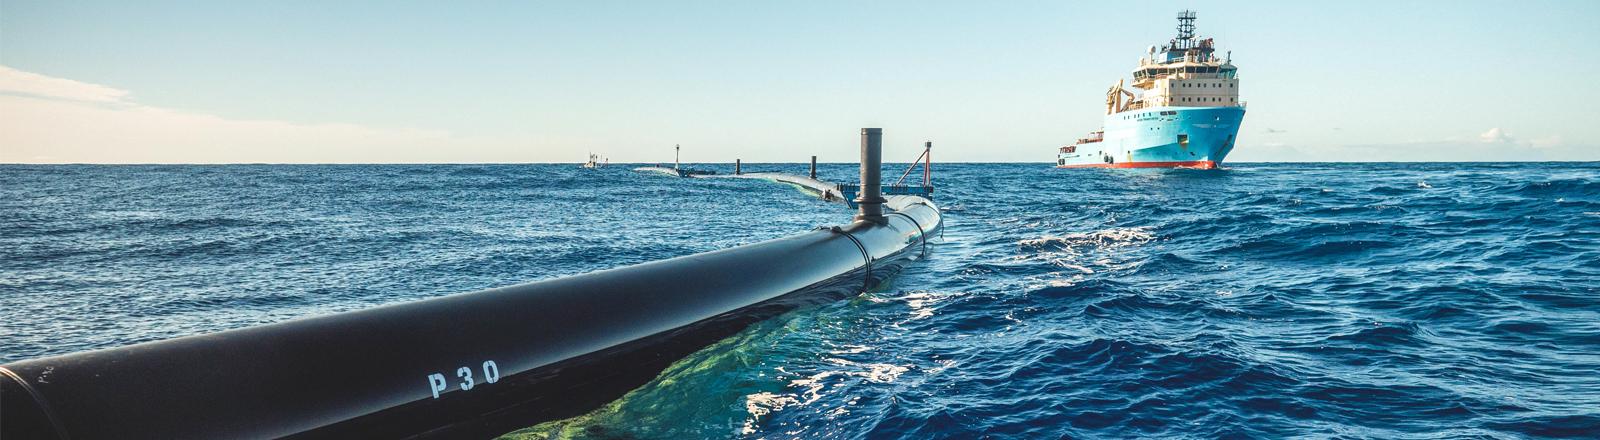 Die Filteranlage Ocean Cleanup im Einsatz.